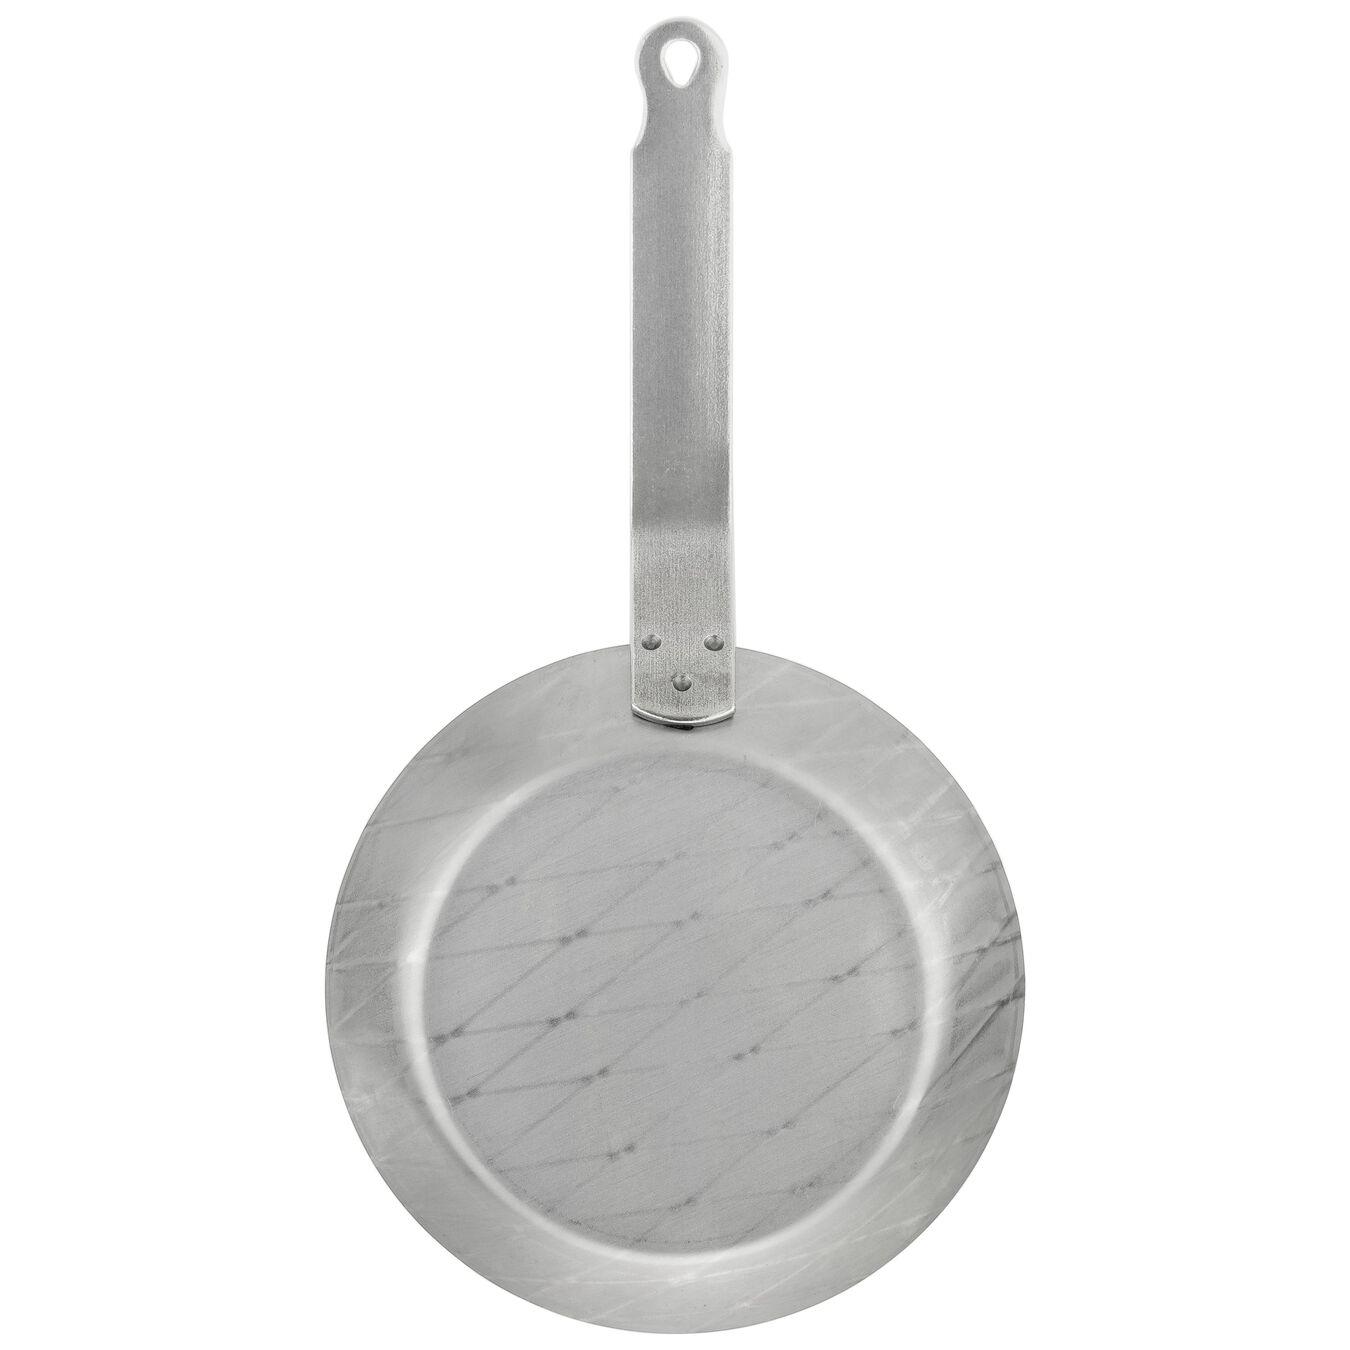 Padella - 20 cm, acciaio al carbonio,,large 2